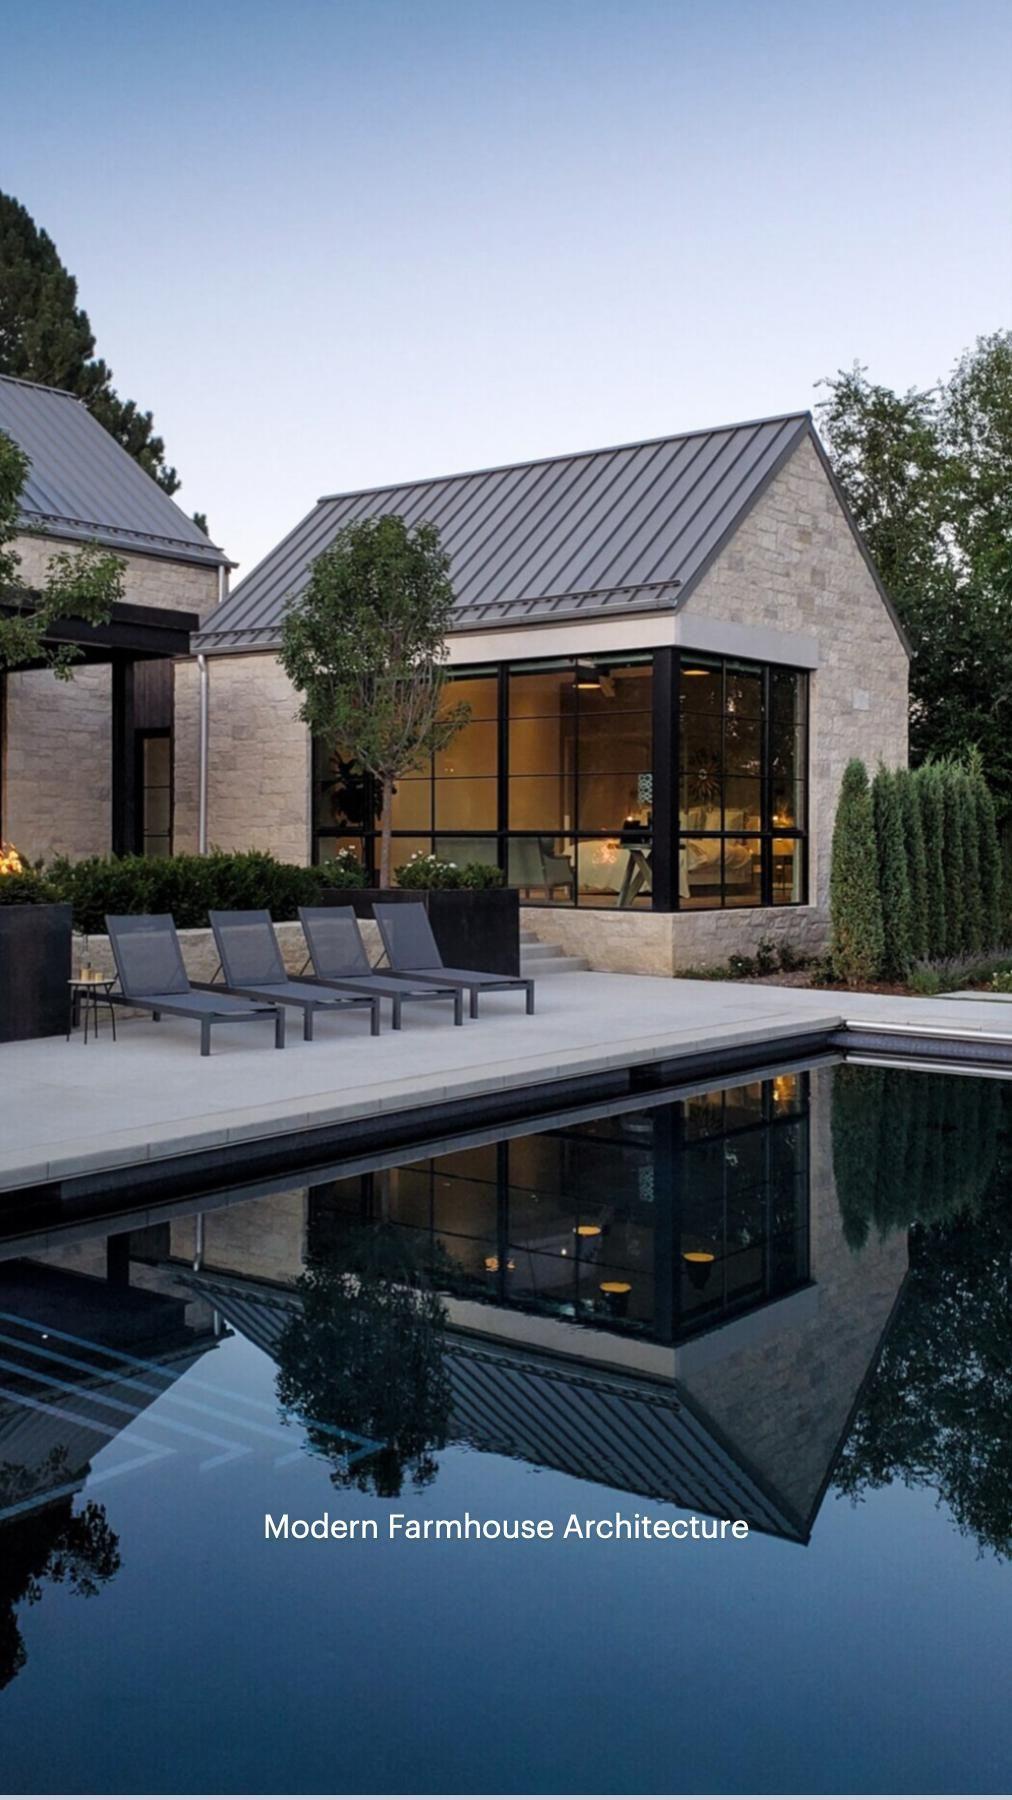 Modernes Traumhaus mit Flachdach Architektur im Bauhausstil - Haus Design Ideen innen aussen modern